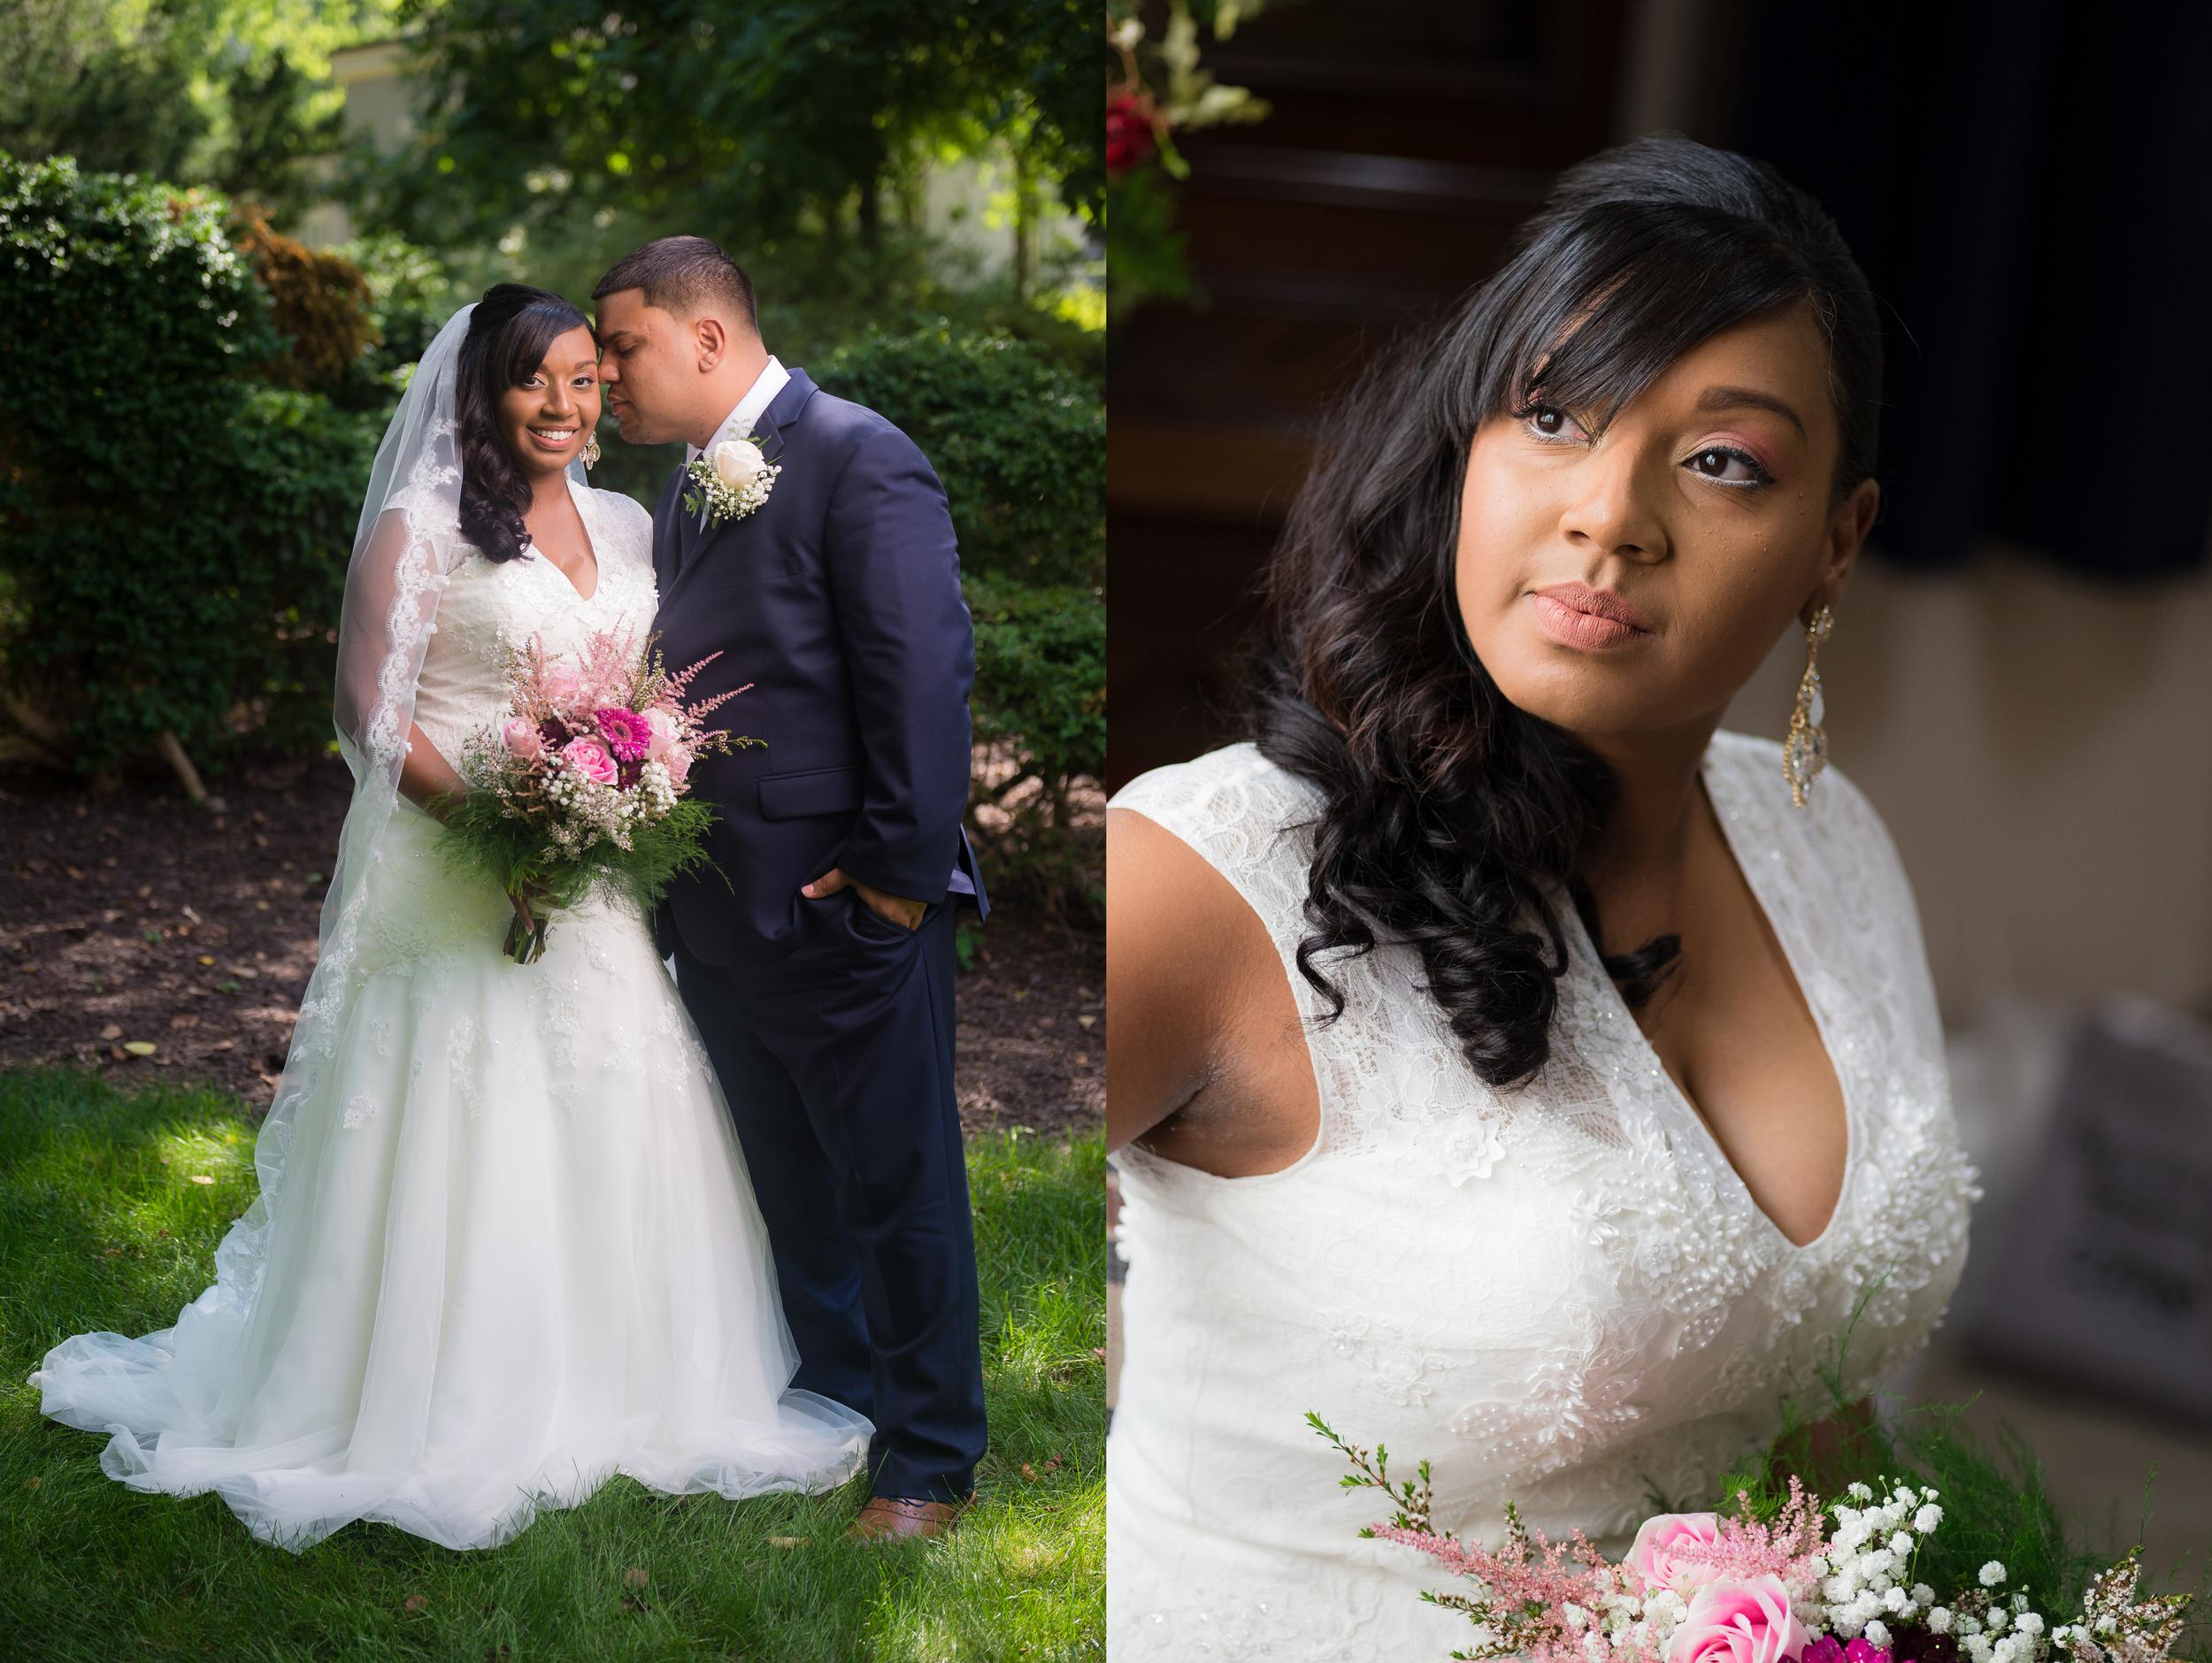 Isela-Josh-Wedding-Garcia-Photography-4013-3983.jpg